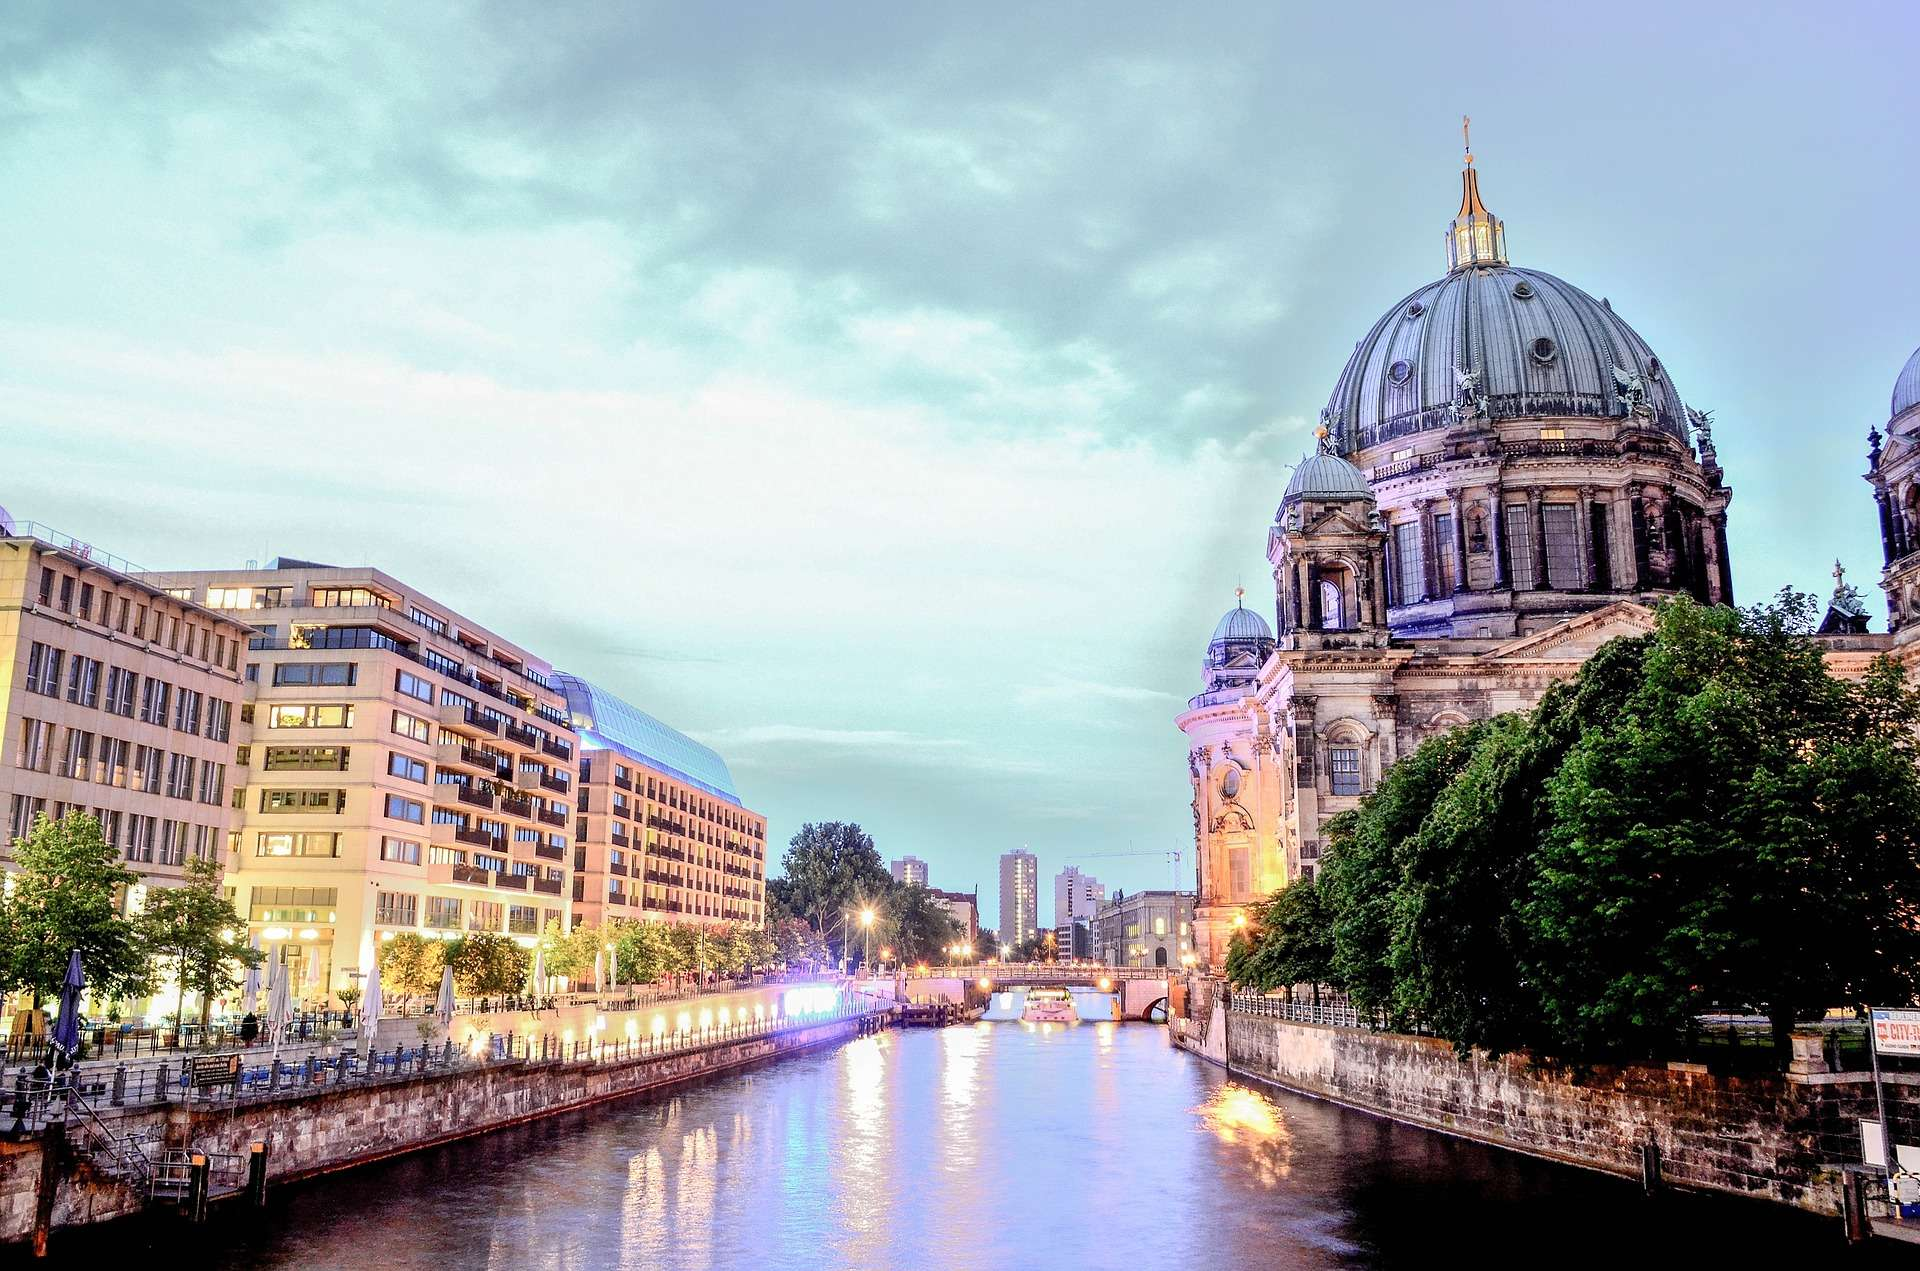 Direktflüge und Billigflüge ab Berlin